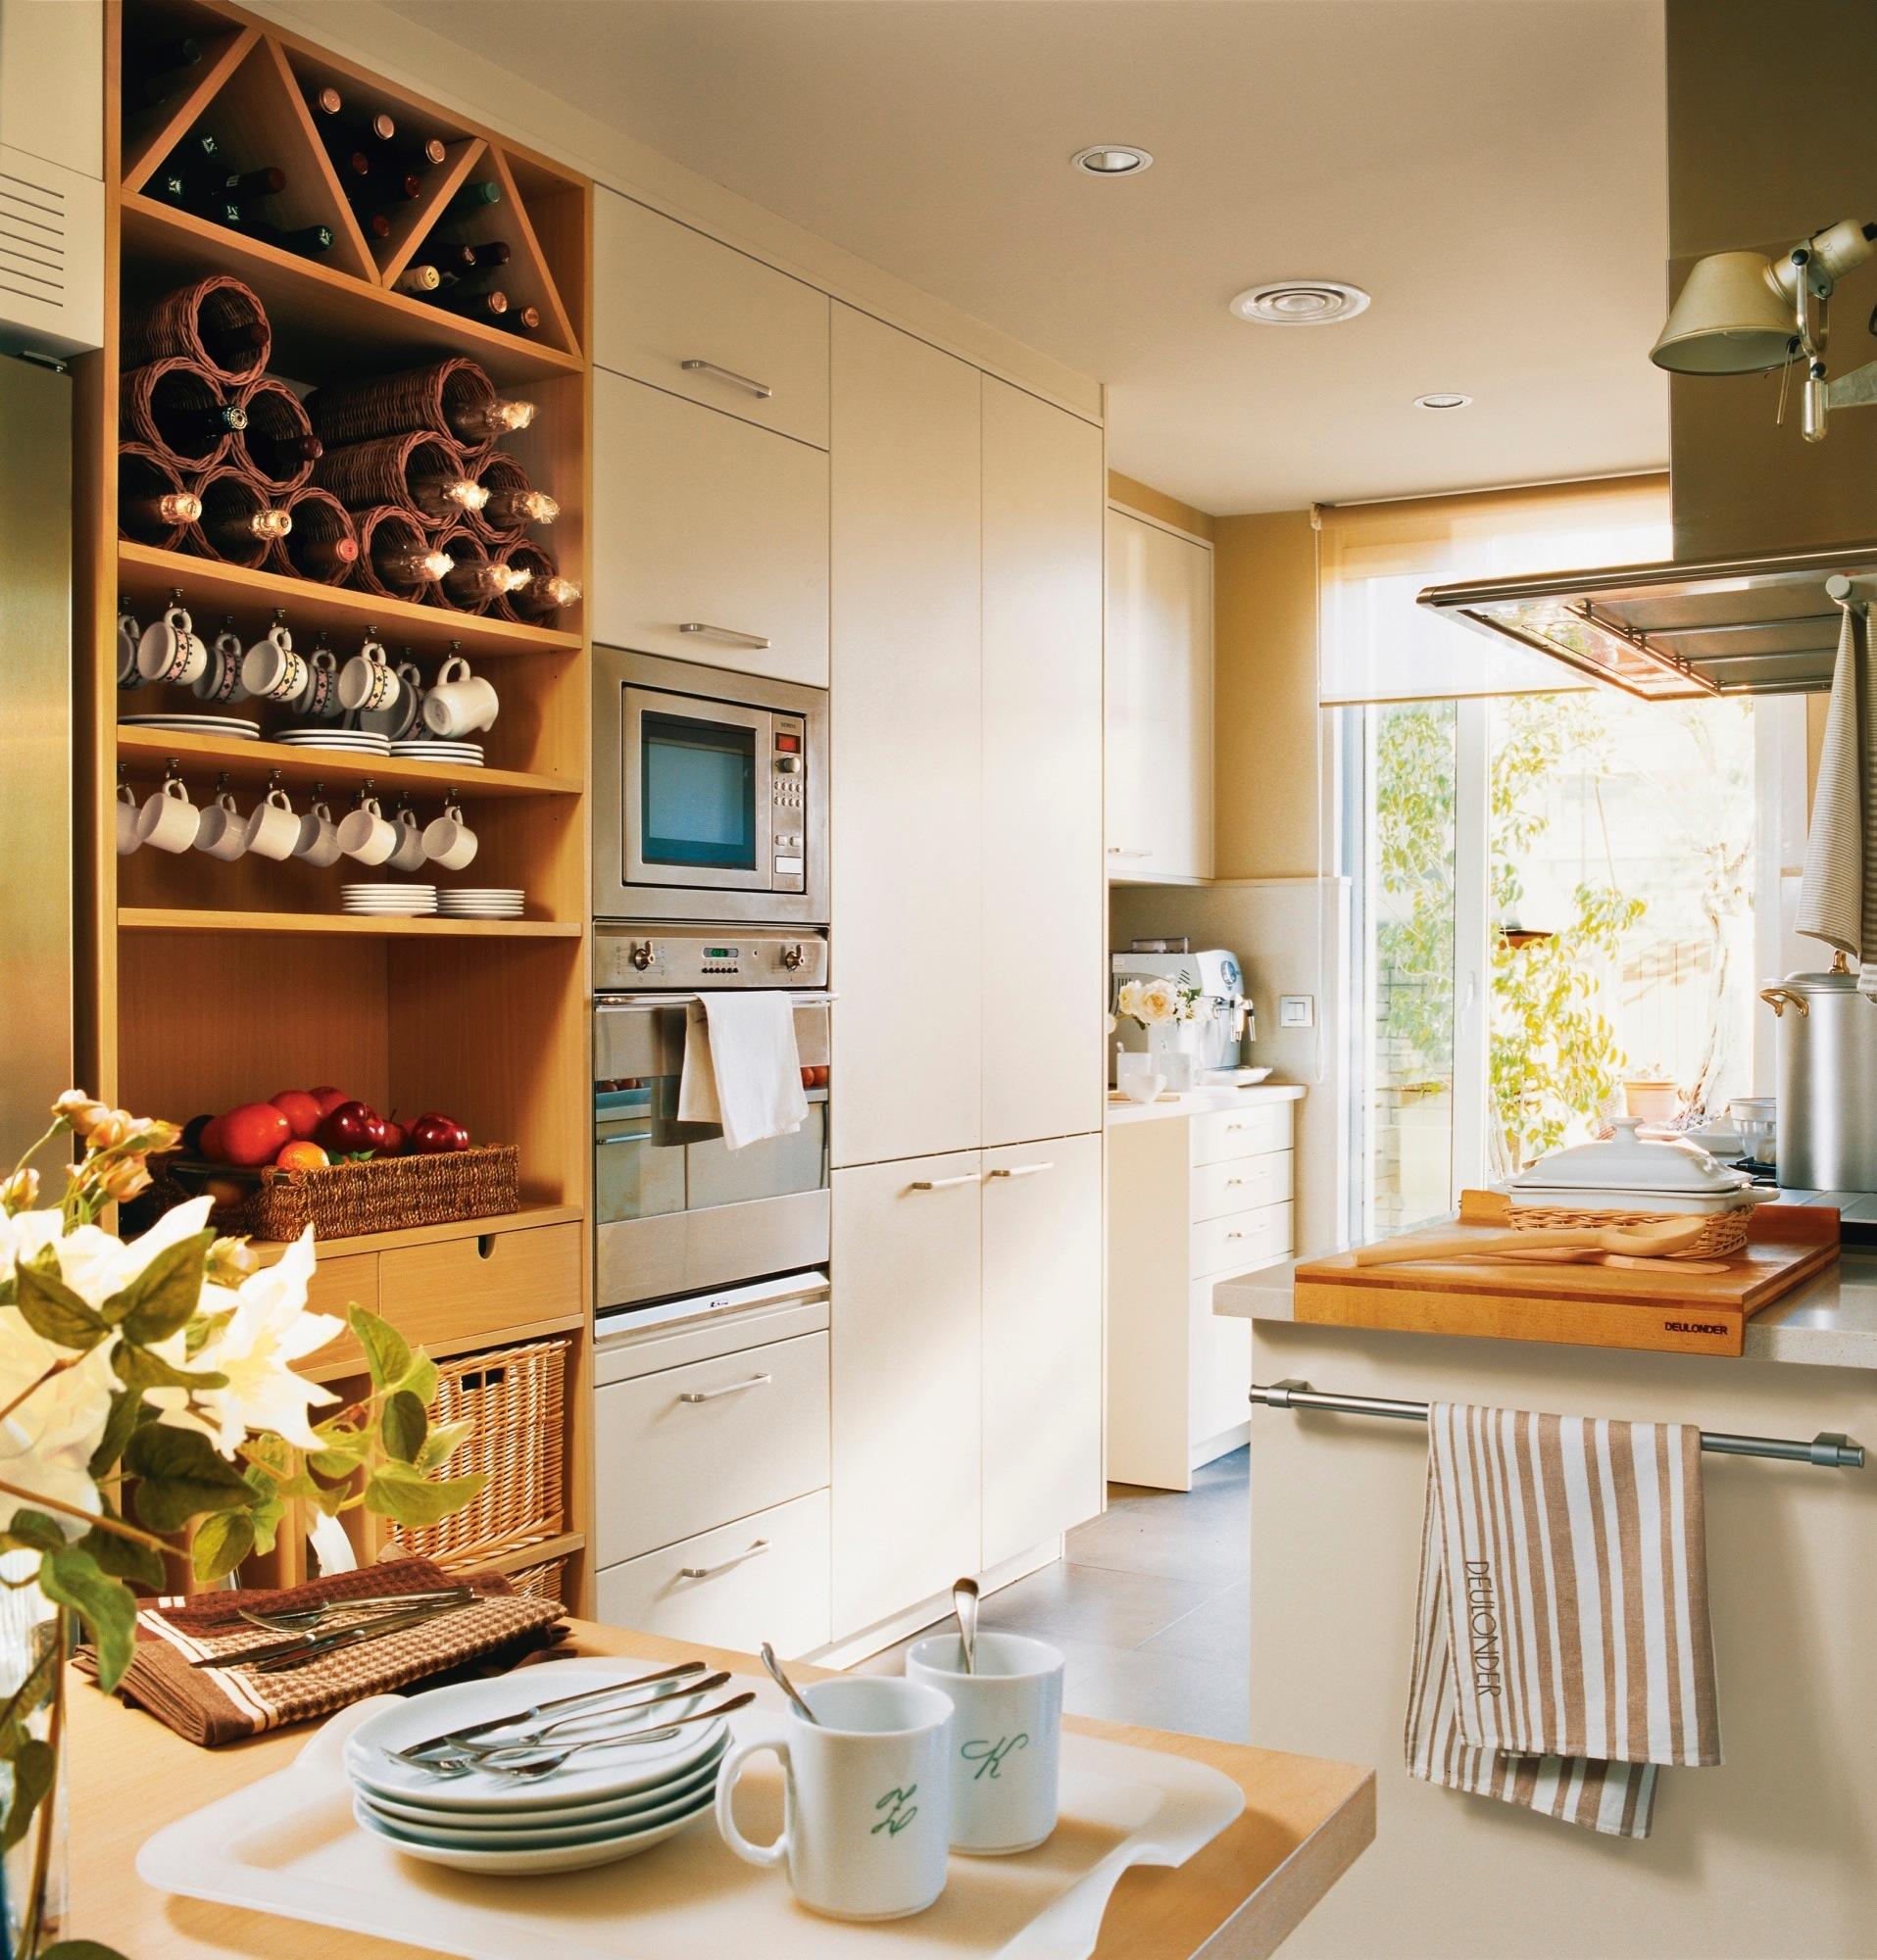 Orden en la cocina consejos y trucos para guardarlo todo for Todo para la cocina